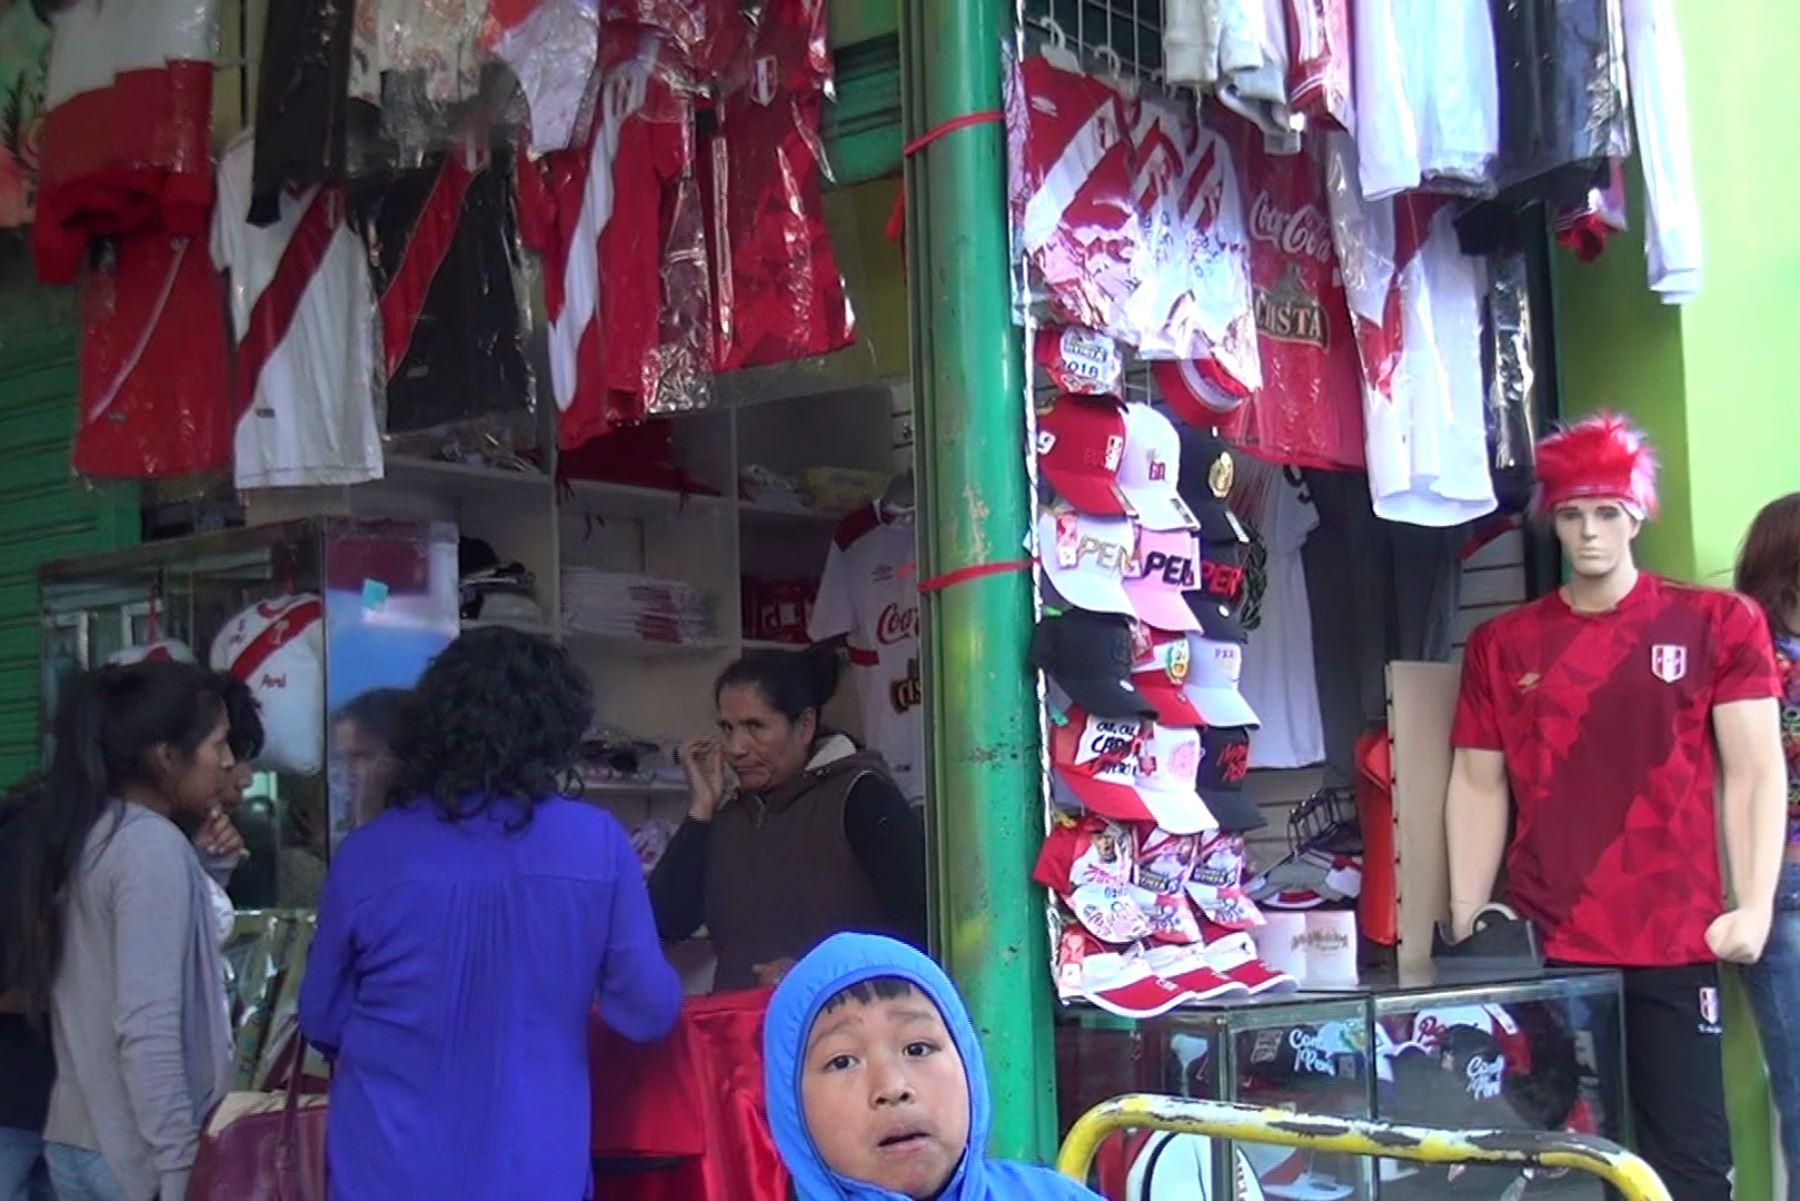 Mundial Rusia 2018 dinamiza la actividad económica en la ciudad de Huancayo. ANDINA/Pedro Tinoco